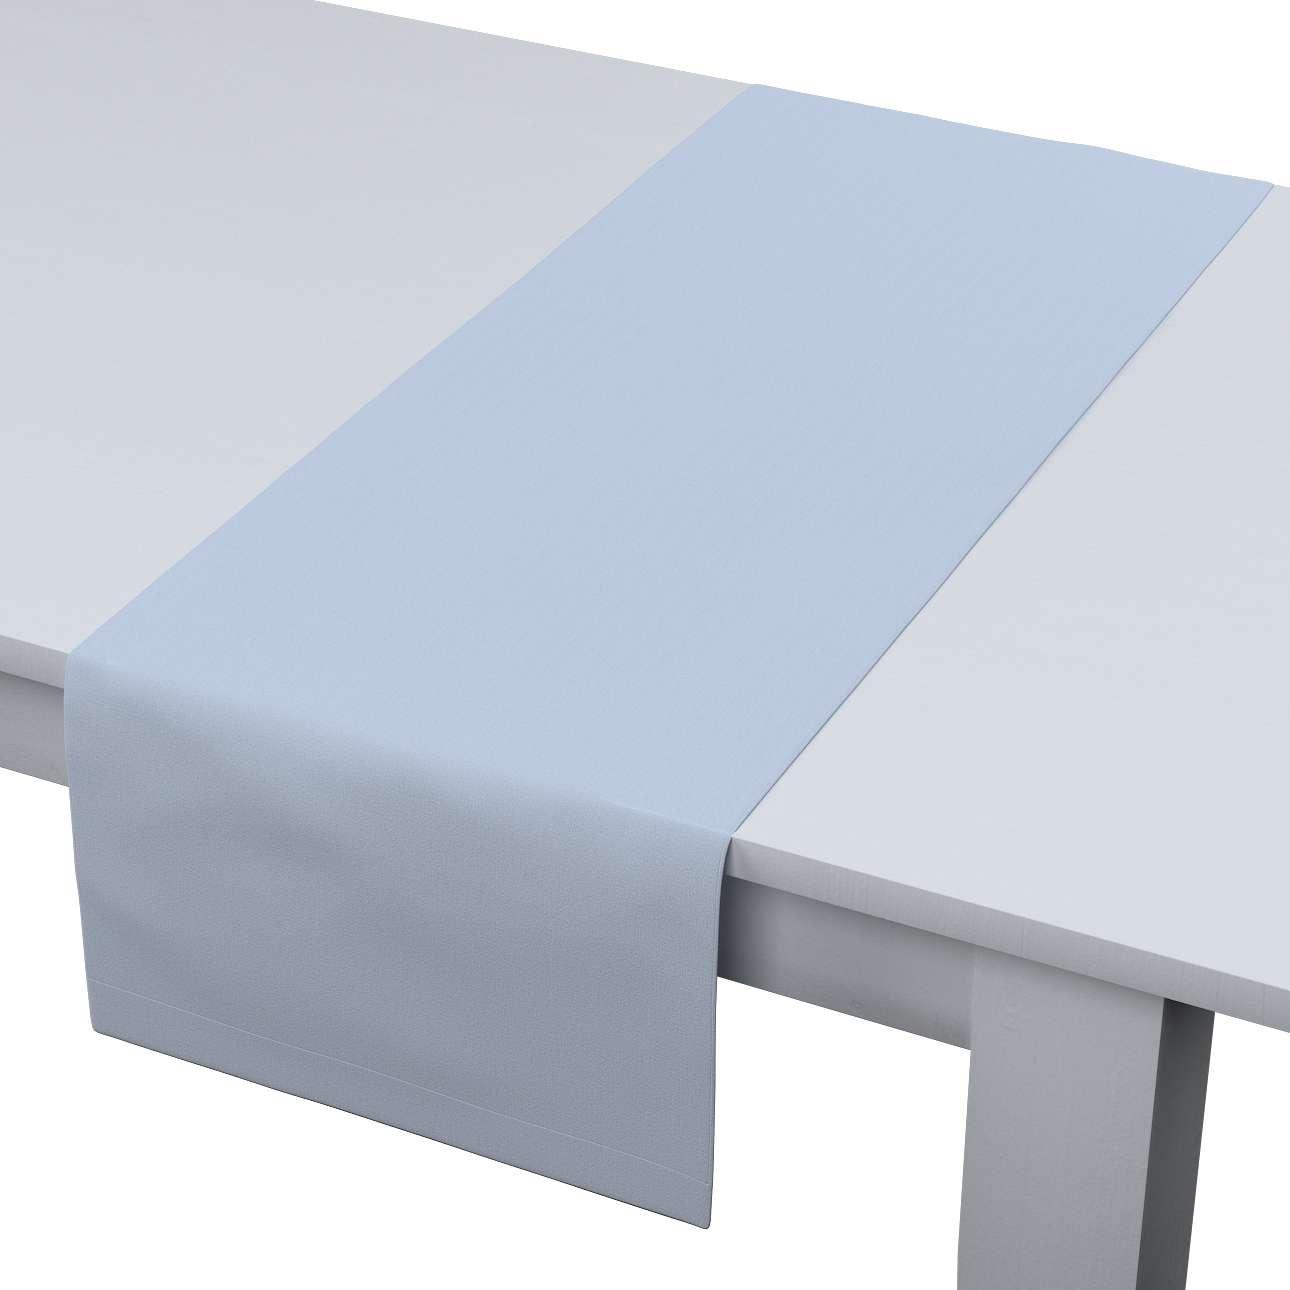 Rechteckiger Tischläufer 40 x 130 cm von der Kollektion Loneta, Stoff: 133-35